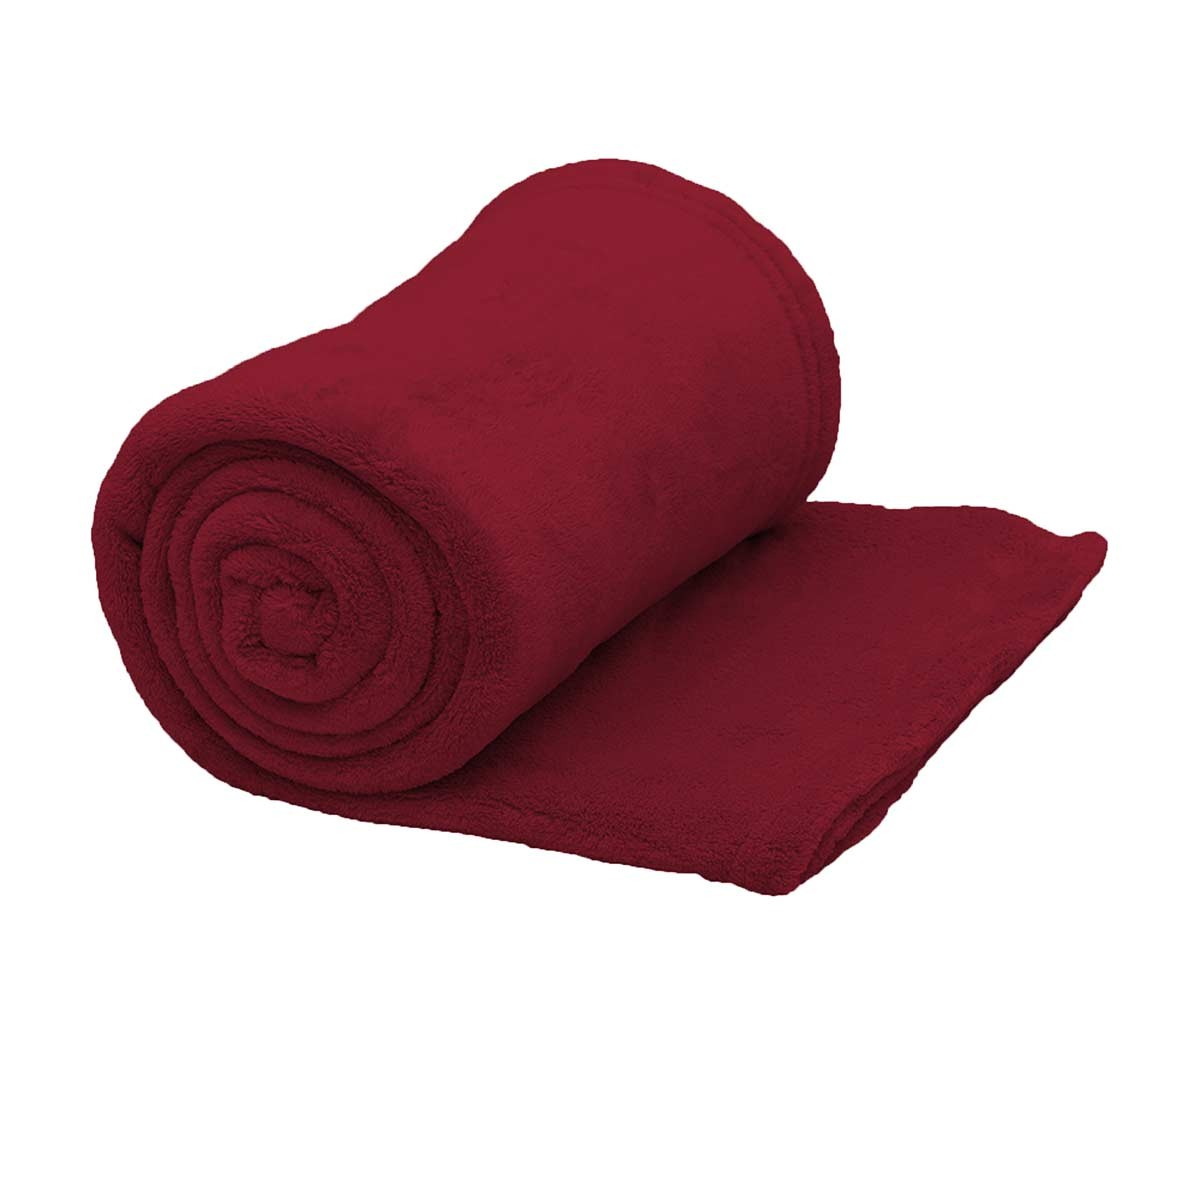 Κουβέρτα Fleece Μονή Viopros Μπορντώ 60896